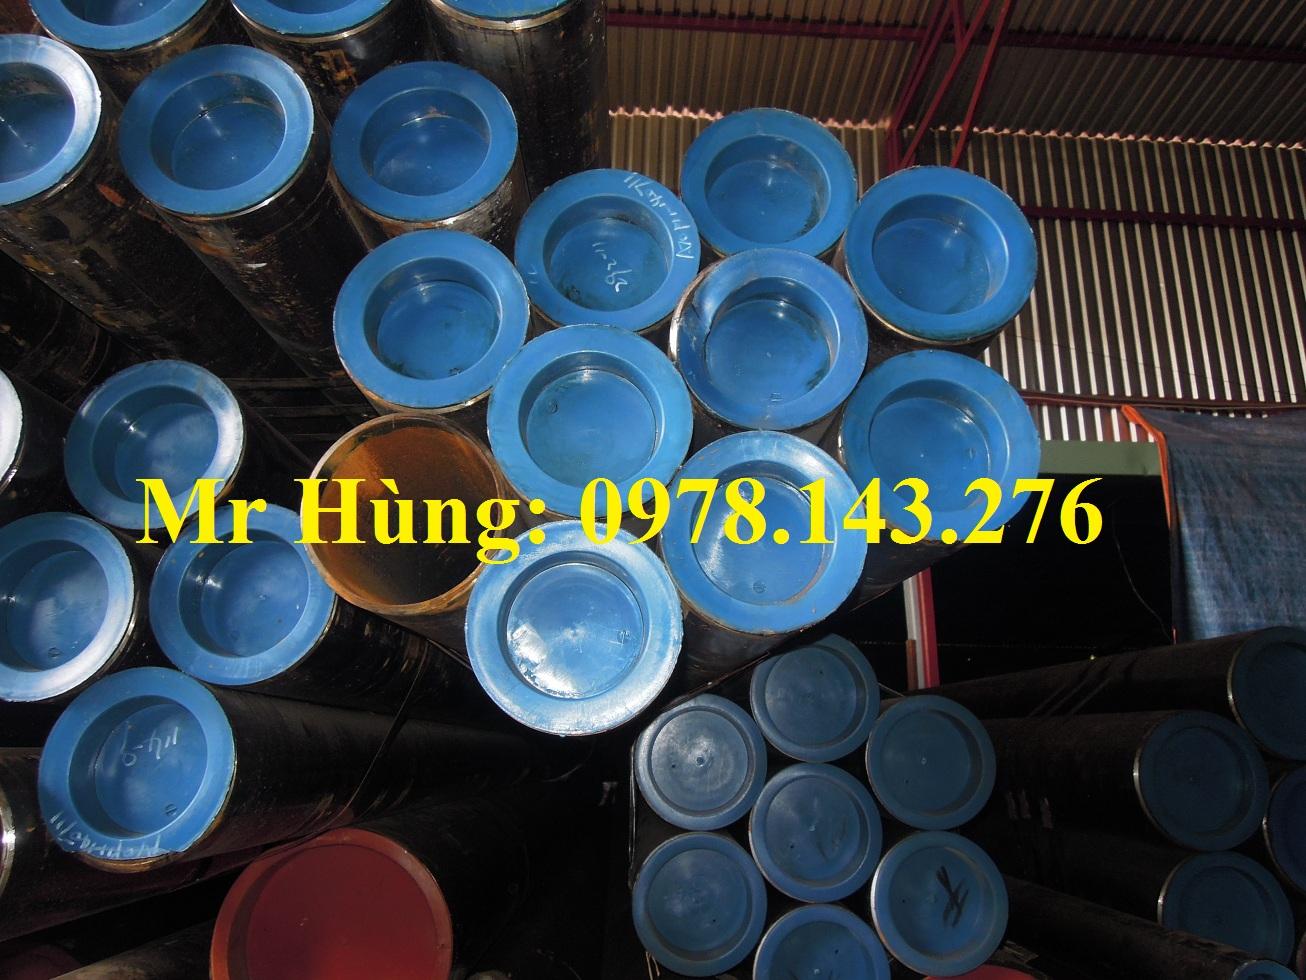 Ba53.Thép ống đúc các loại phi 219 x 12.7ly,168 x 11ly, 508 x 54ly, 610 x 60ly.